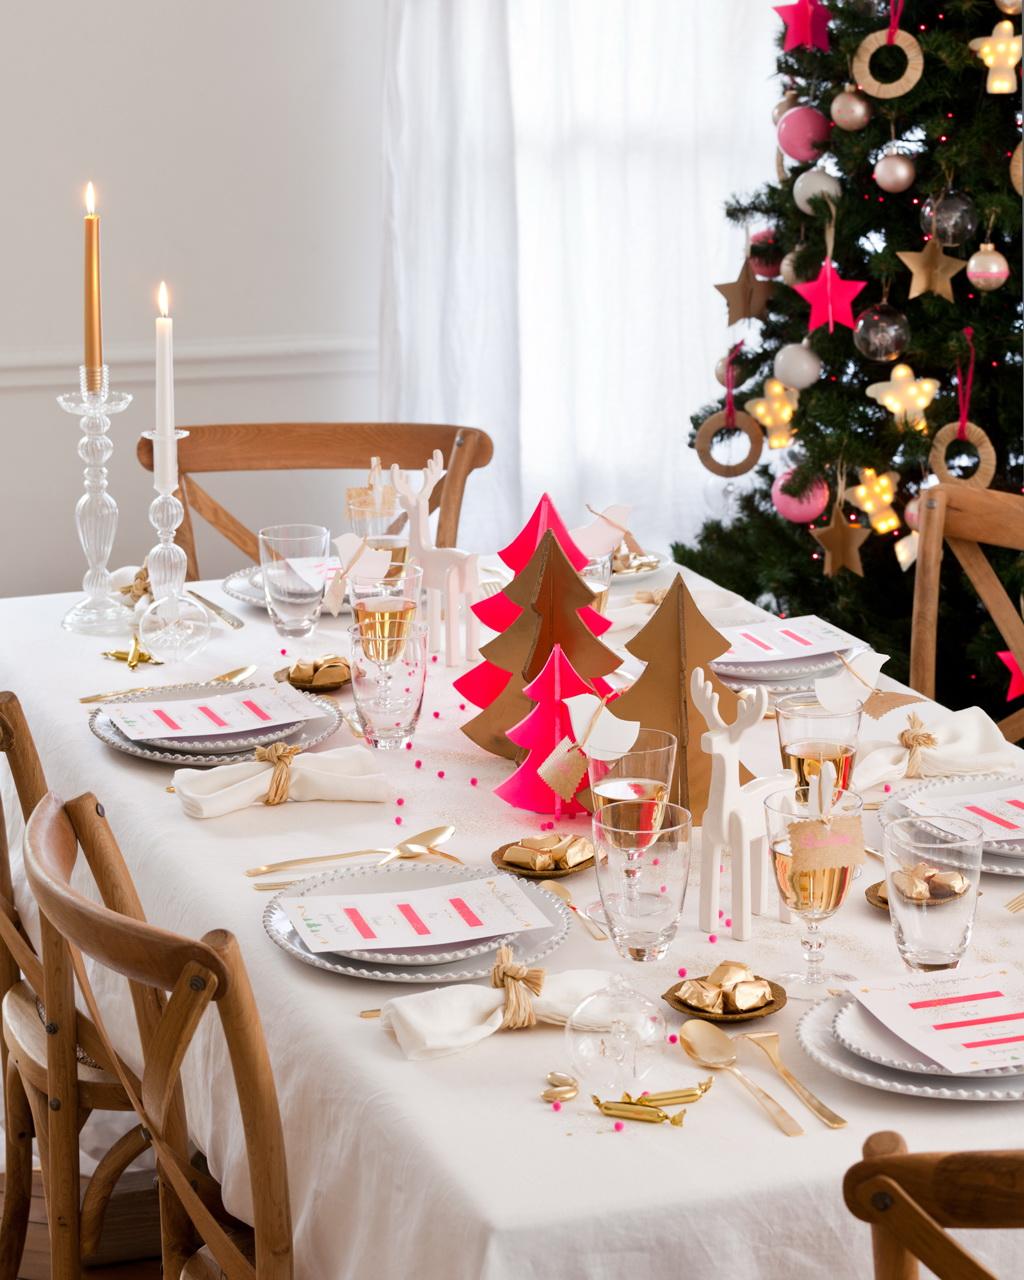 Украшения для новогоднего стола из цветного картона и бумаги